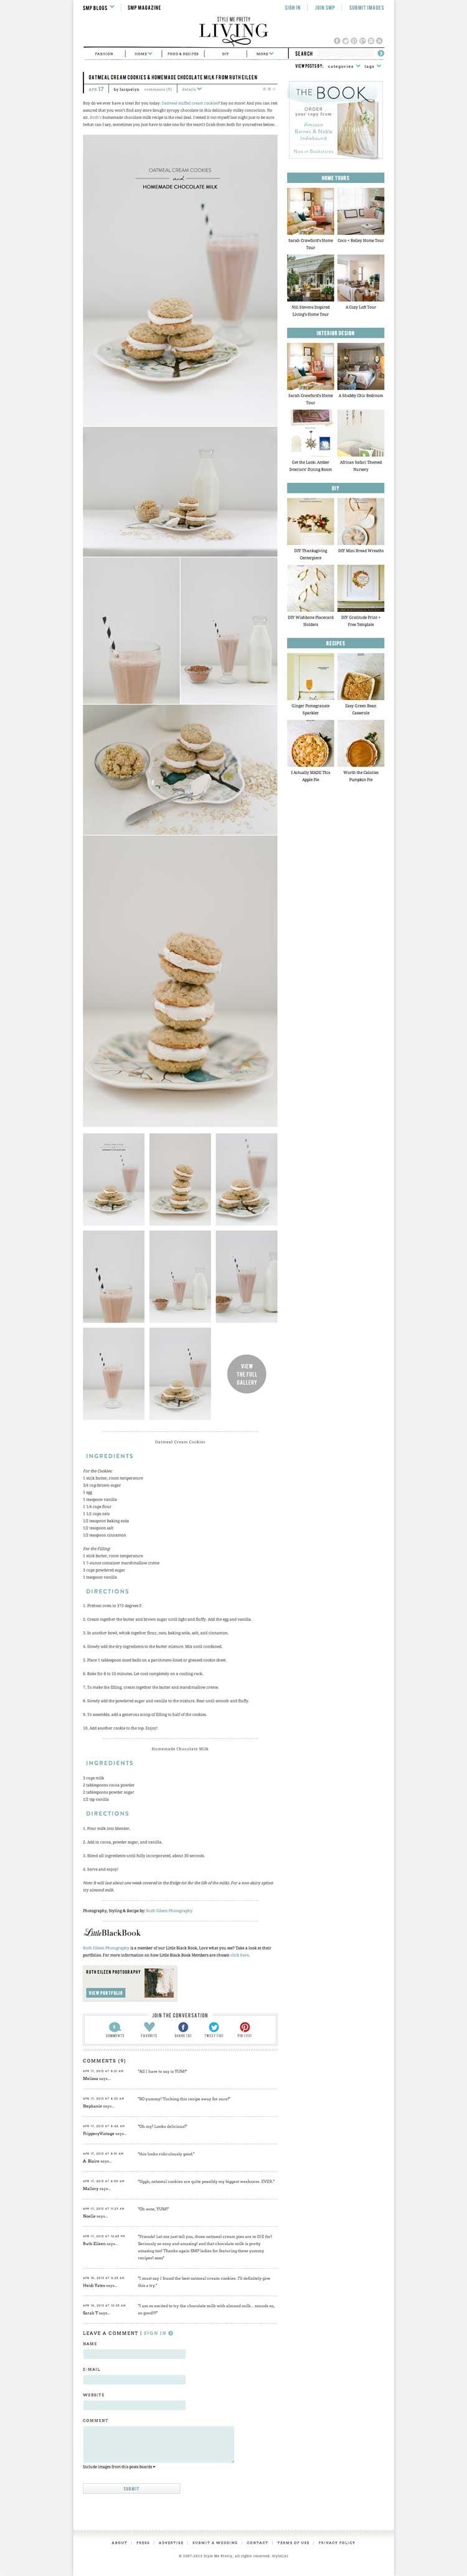 Oatmeal Cream Cookies & Homemade Chocolate Milk